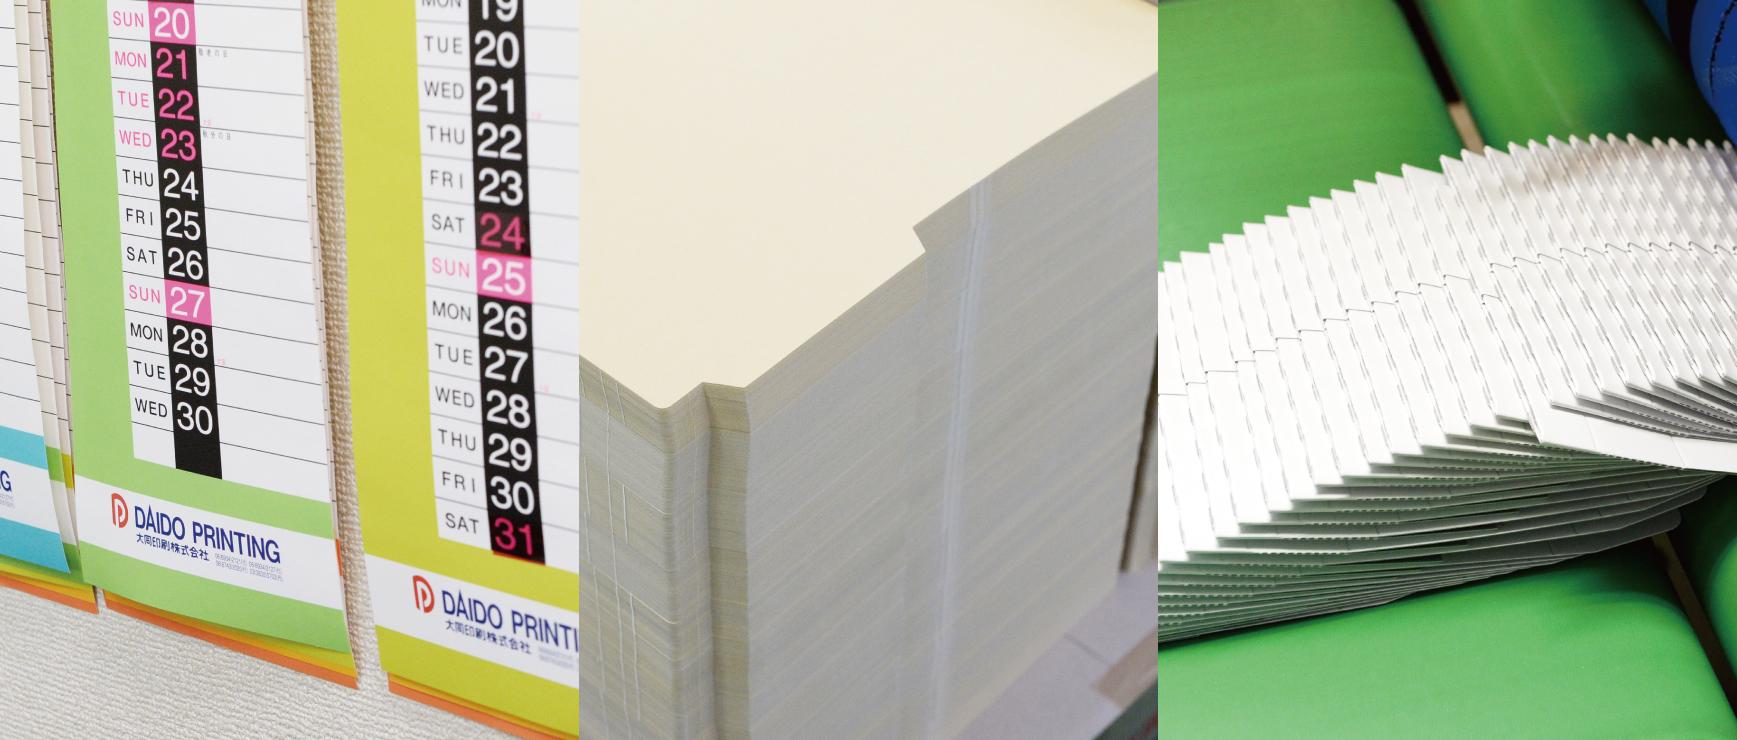 大同印刷の製品,カレンダー,ファイル,手帳,ノート